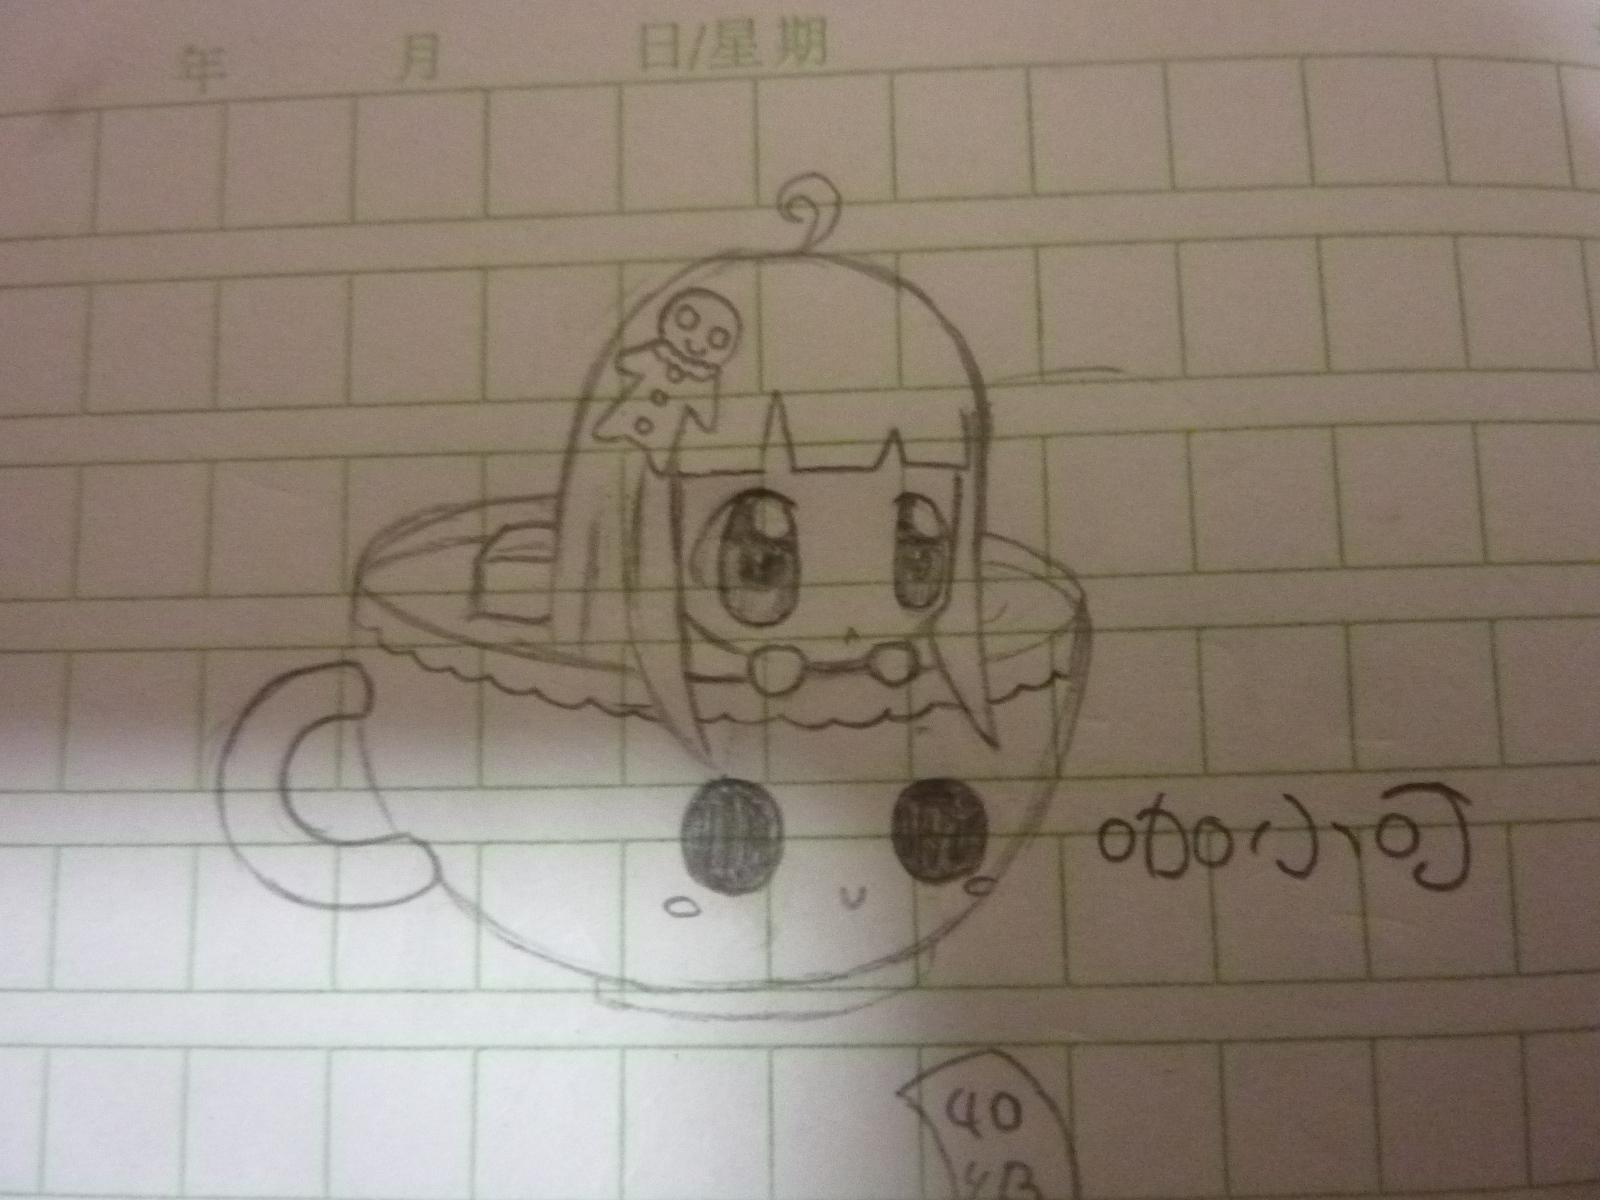 星座眼睛二次元手绘